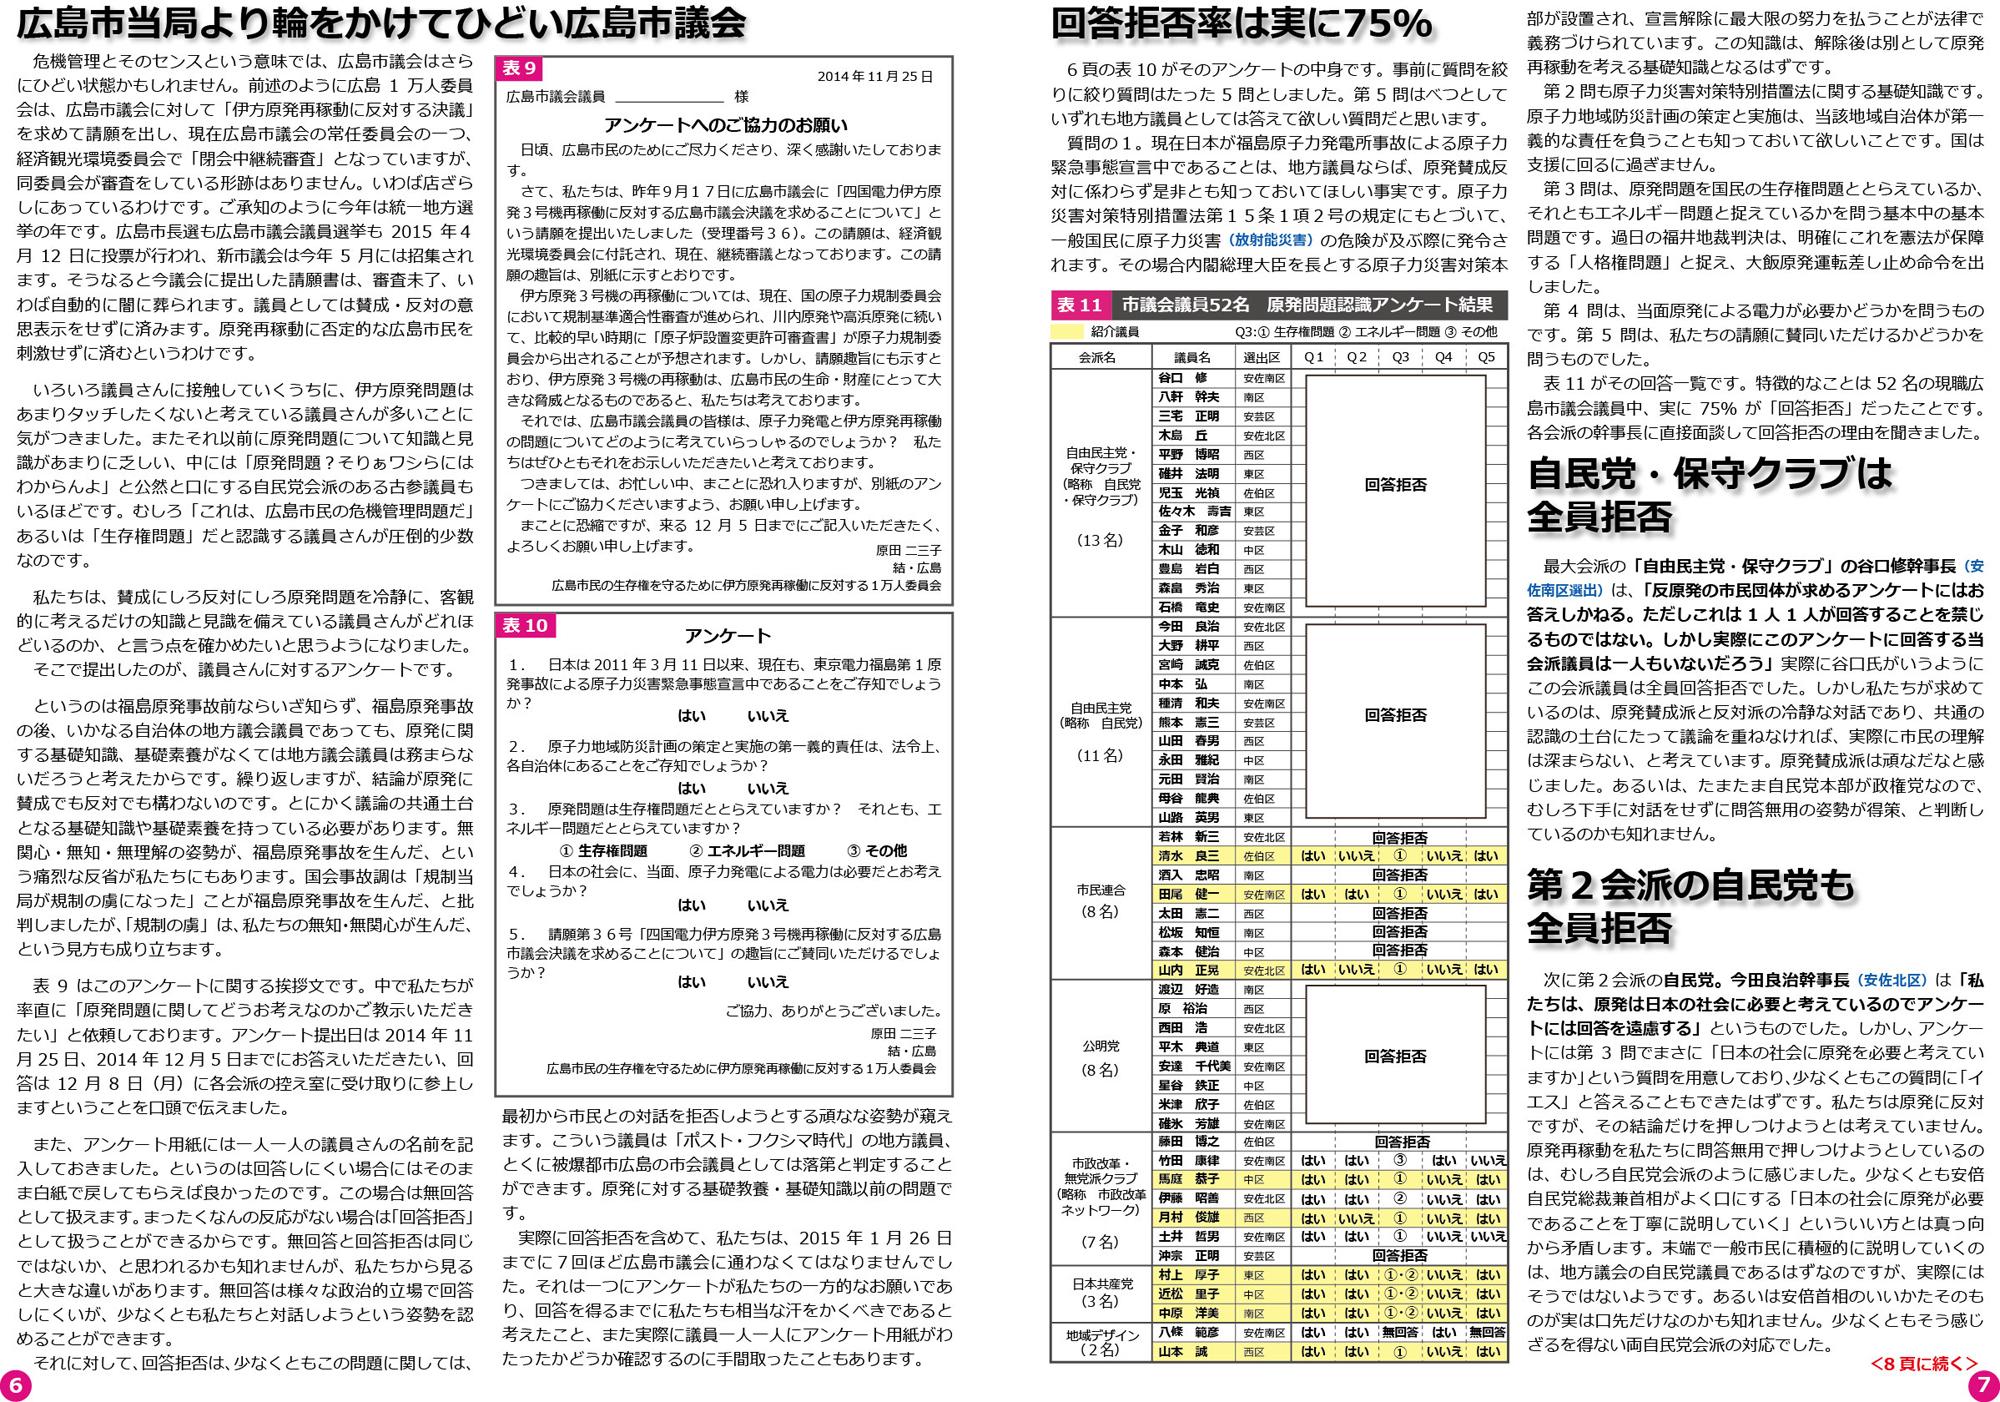 ファイル 97-4.jpg